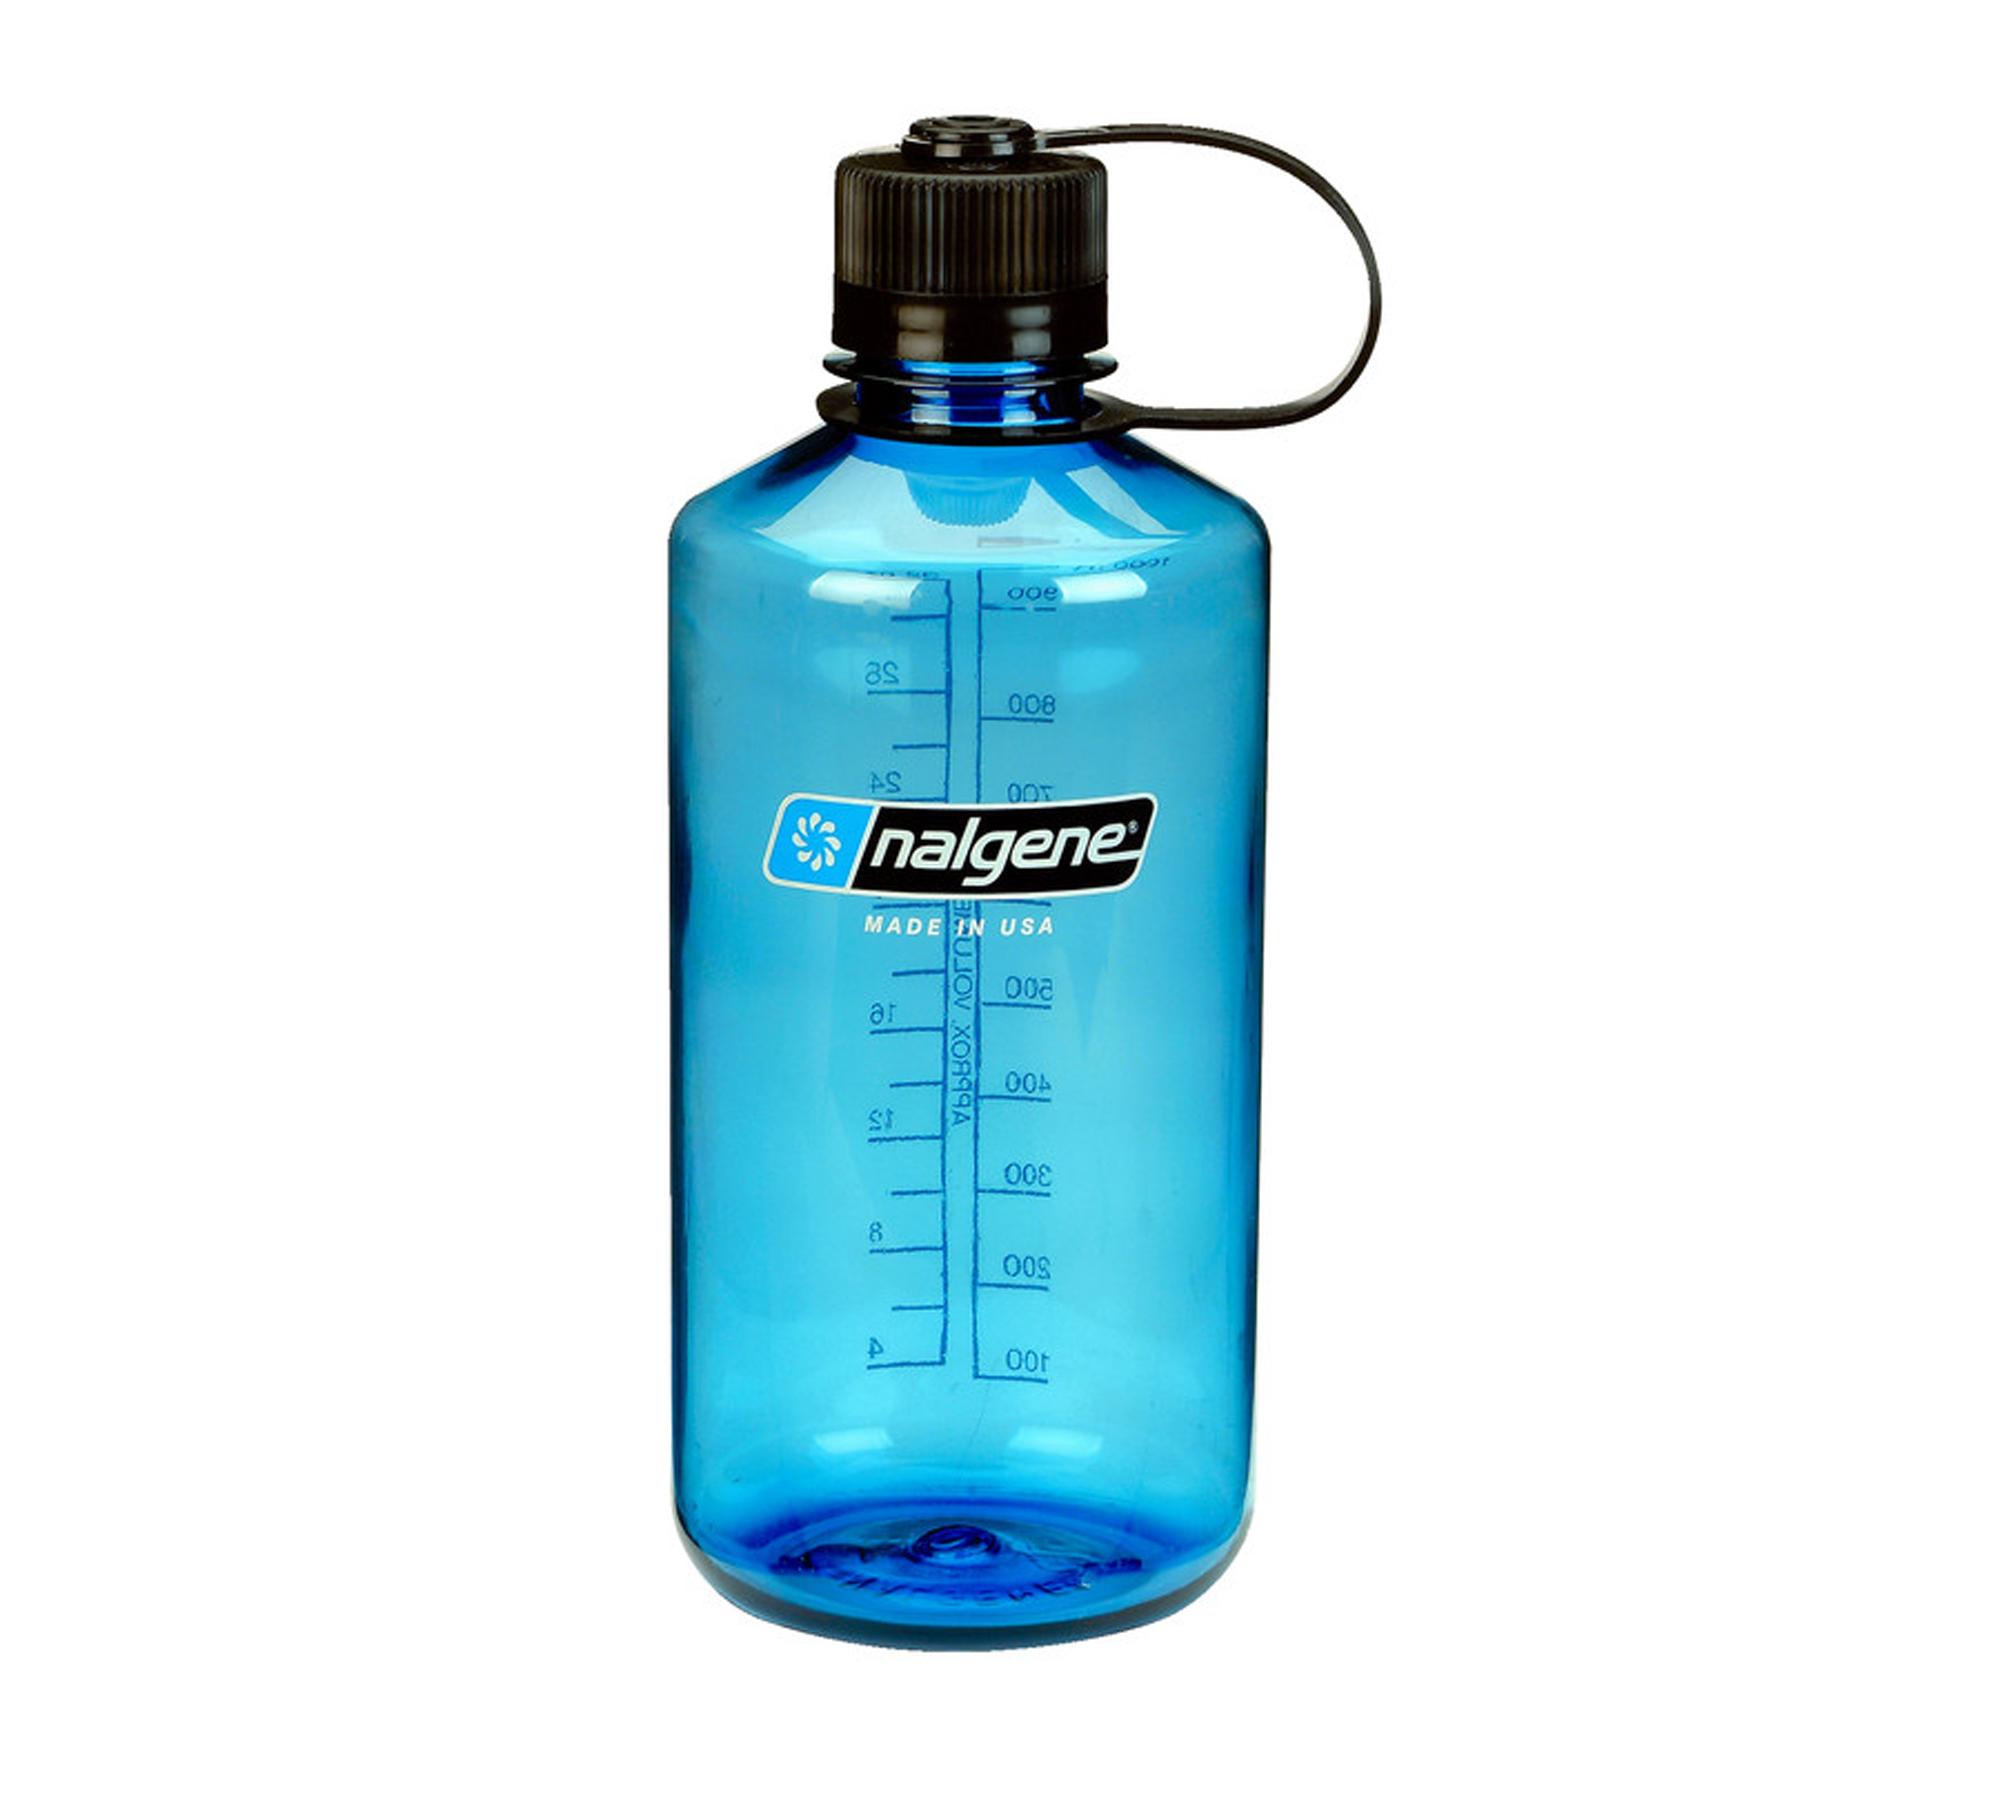 Trinkflasche von Nalgene auf Globetrotter.de | HIMBEER Magazin